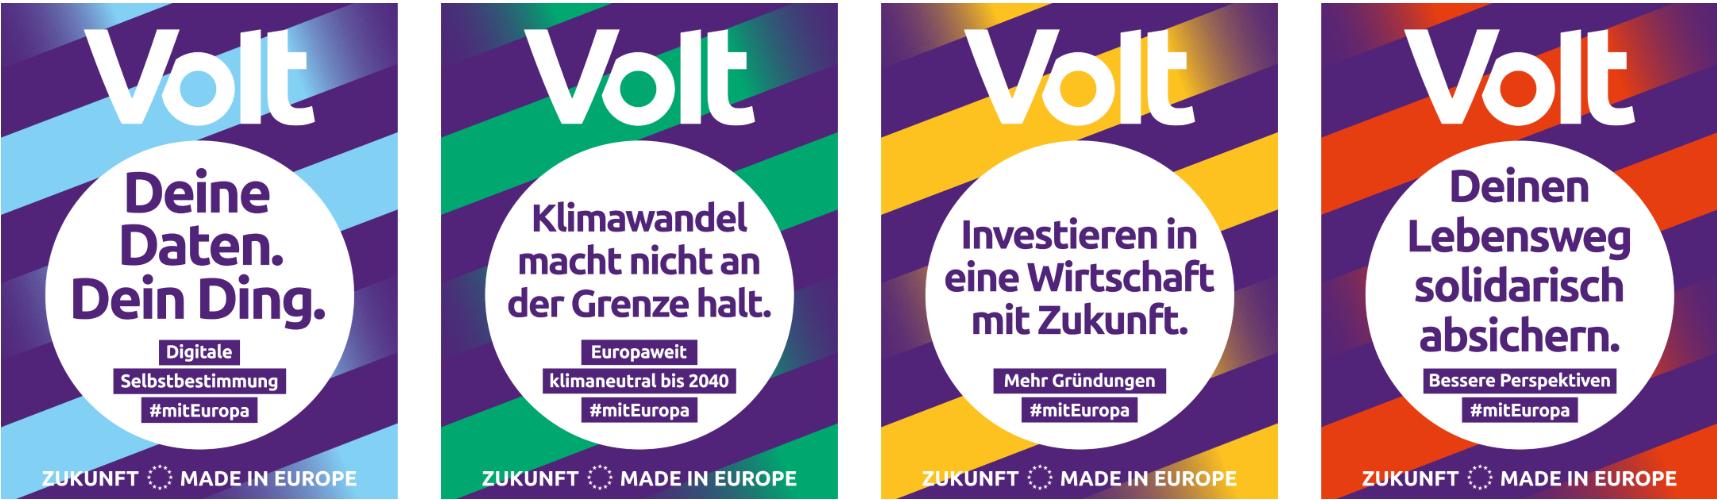 Gute Gründe Volt zu Wählen - Bundestagswahl